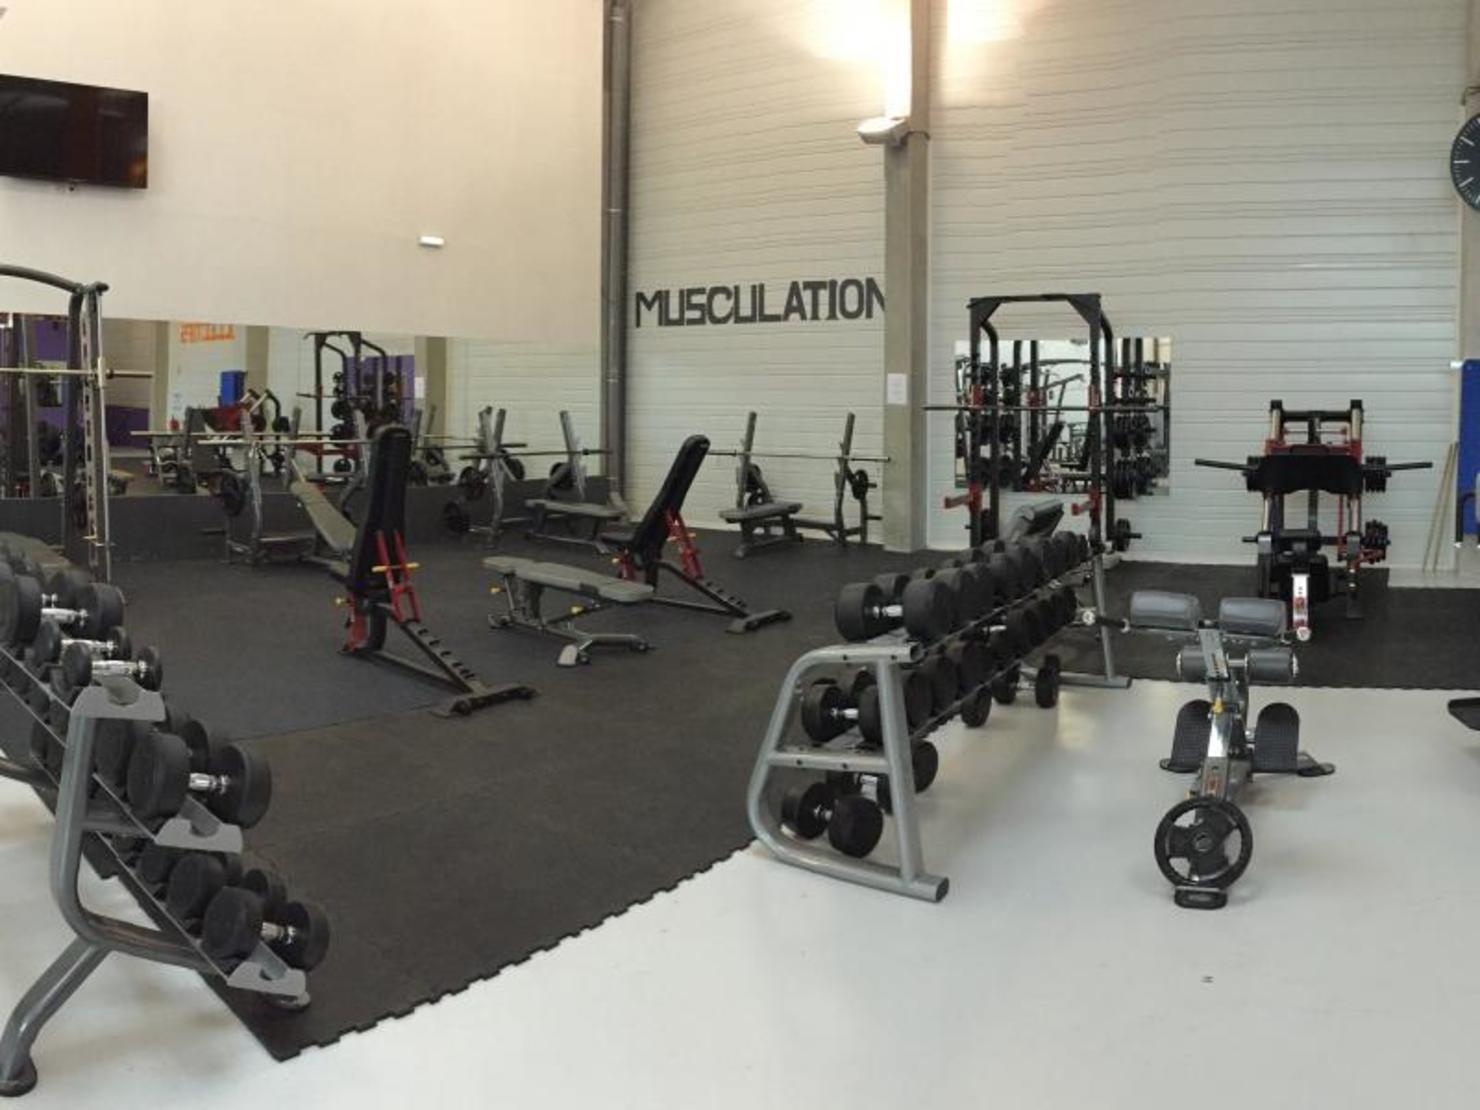 Une équipe de passionnés qui va vous convaincre que le fitness est accessible à tous, Fit Sensations est là pour vous aider à vous surpasser en s'amusant. Des professeurs diplômés d'Etat expérimentés et qualifiés pour travailler avec vous en toute sécurité. Cette salle dispose d'un espace de +m2 avec 8 espaces différents!